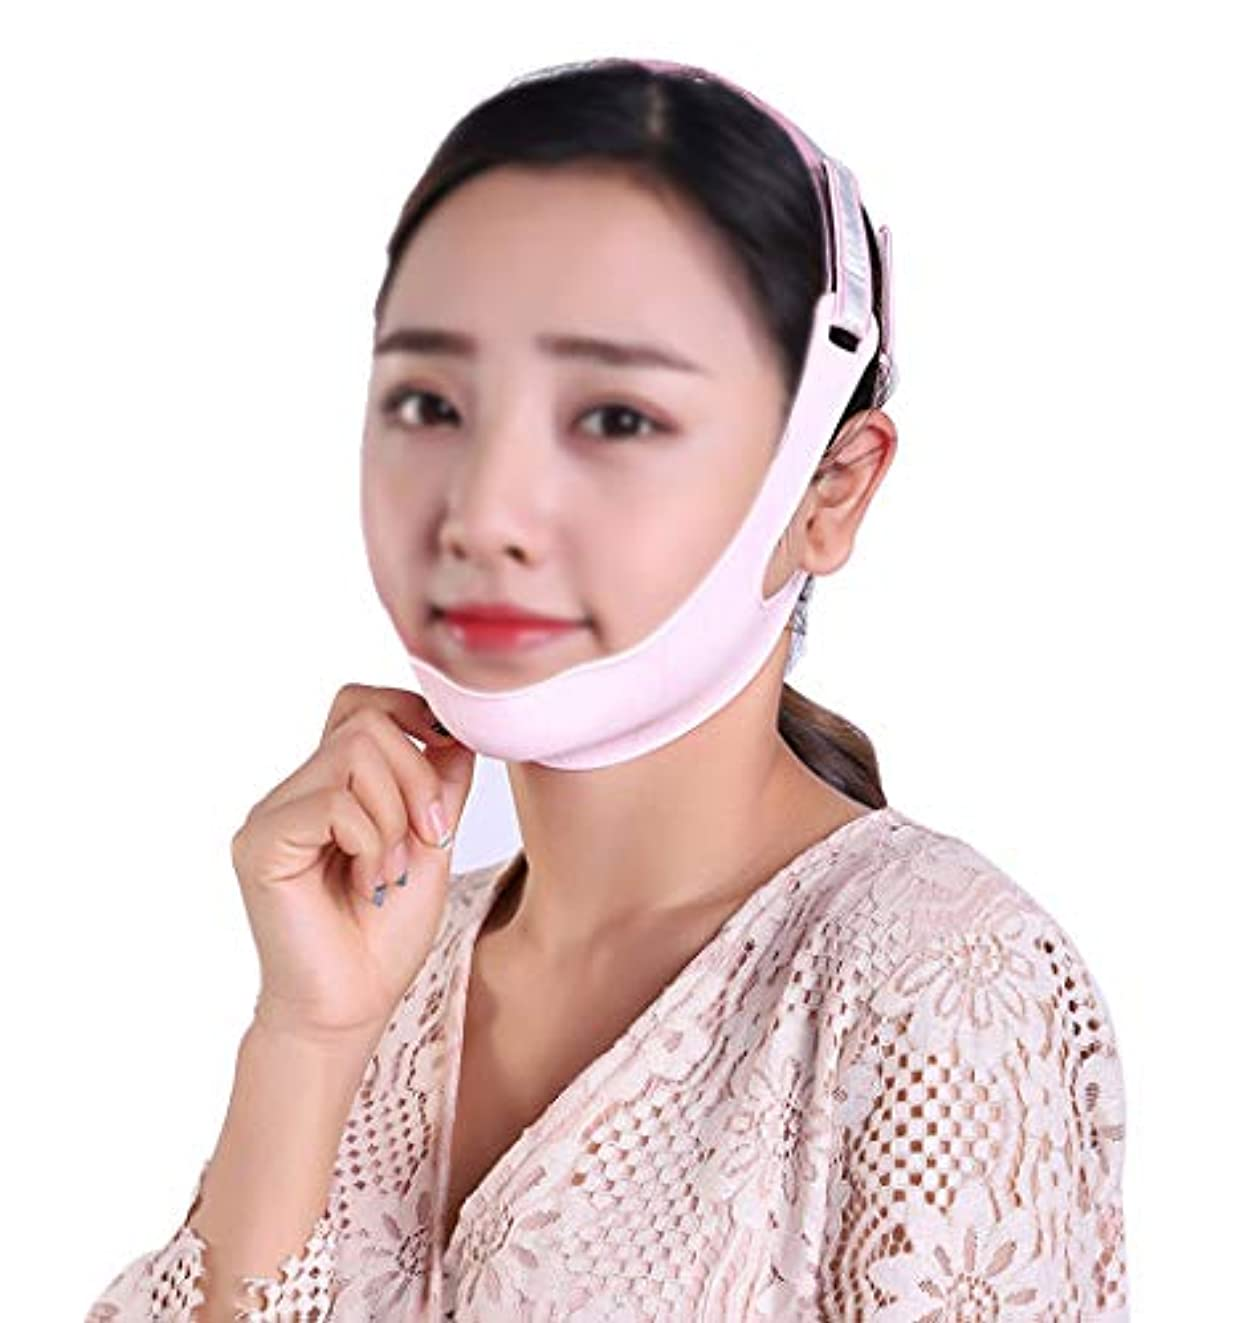 ピンチによって怖いGLJJQMY フェイシャルリフティングマスクシリコンVマスク引き締めフェイシャル包帯スモールVフェイスアーティファクト防止リラクゼーションフェイシャル&ネックリフティング 顔用整形マスク (Size : L)